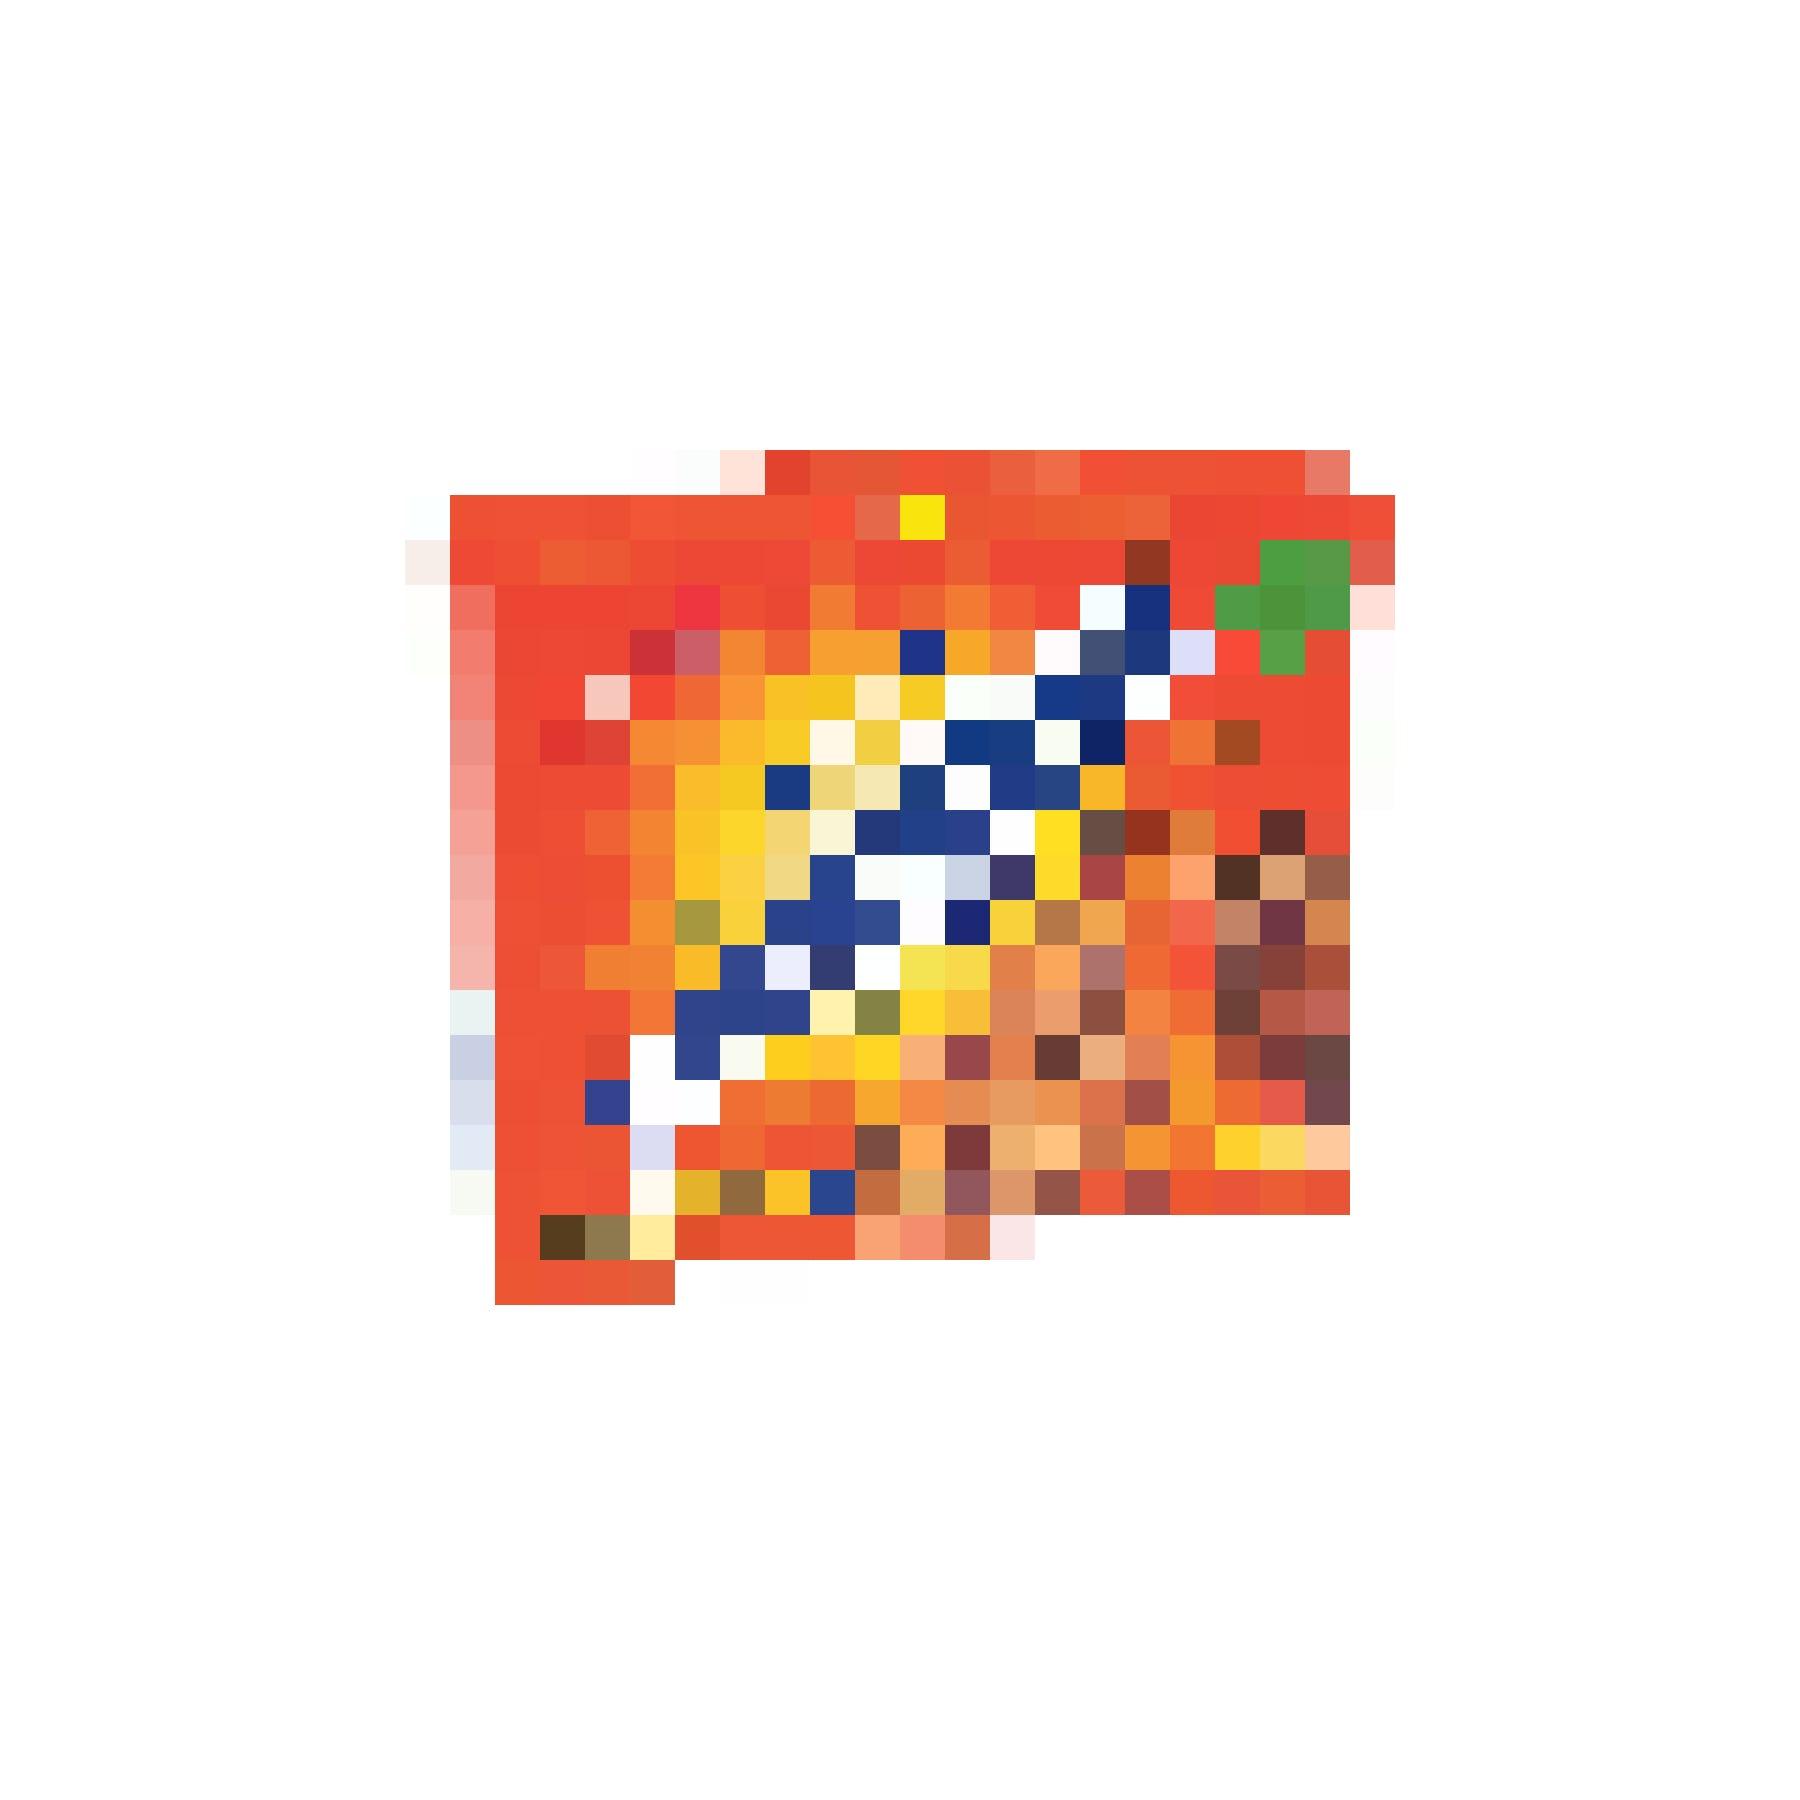 Un morso e viaaa! Barrette Crisp Müesli Snack Ovomaltine, fr. 4.80/6 pz., da Coop.